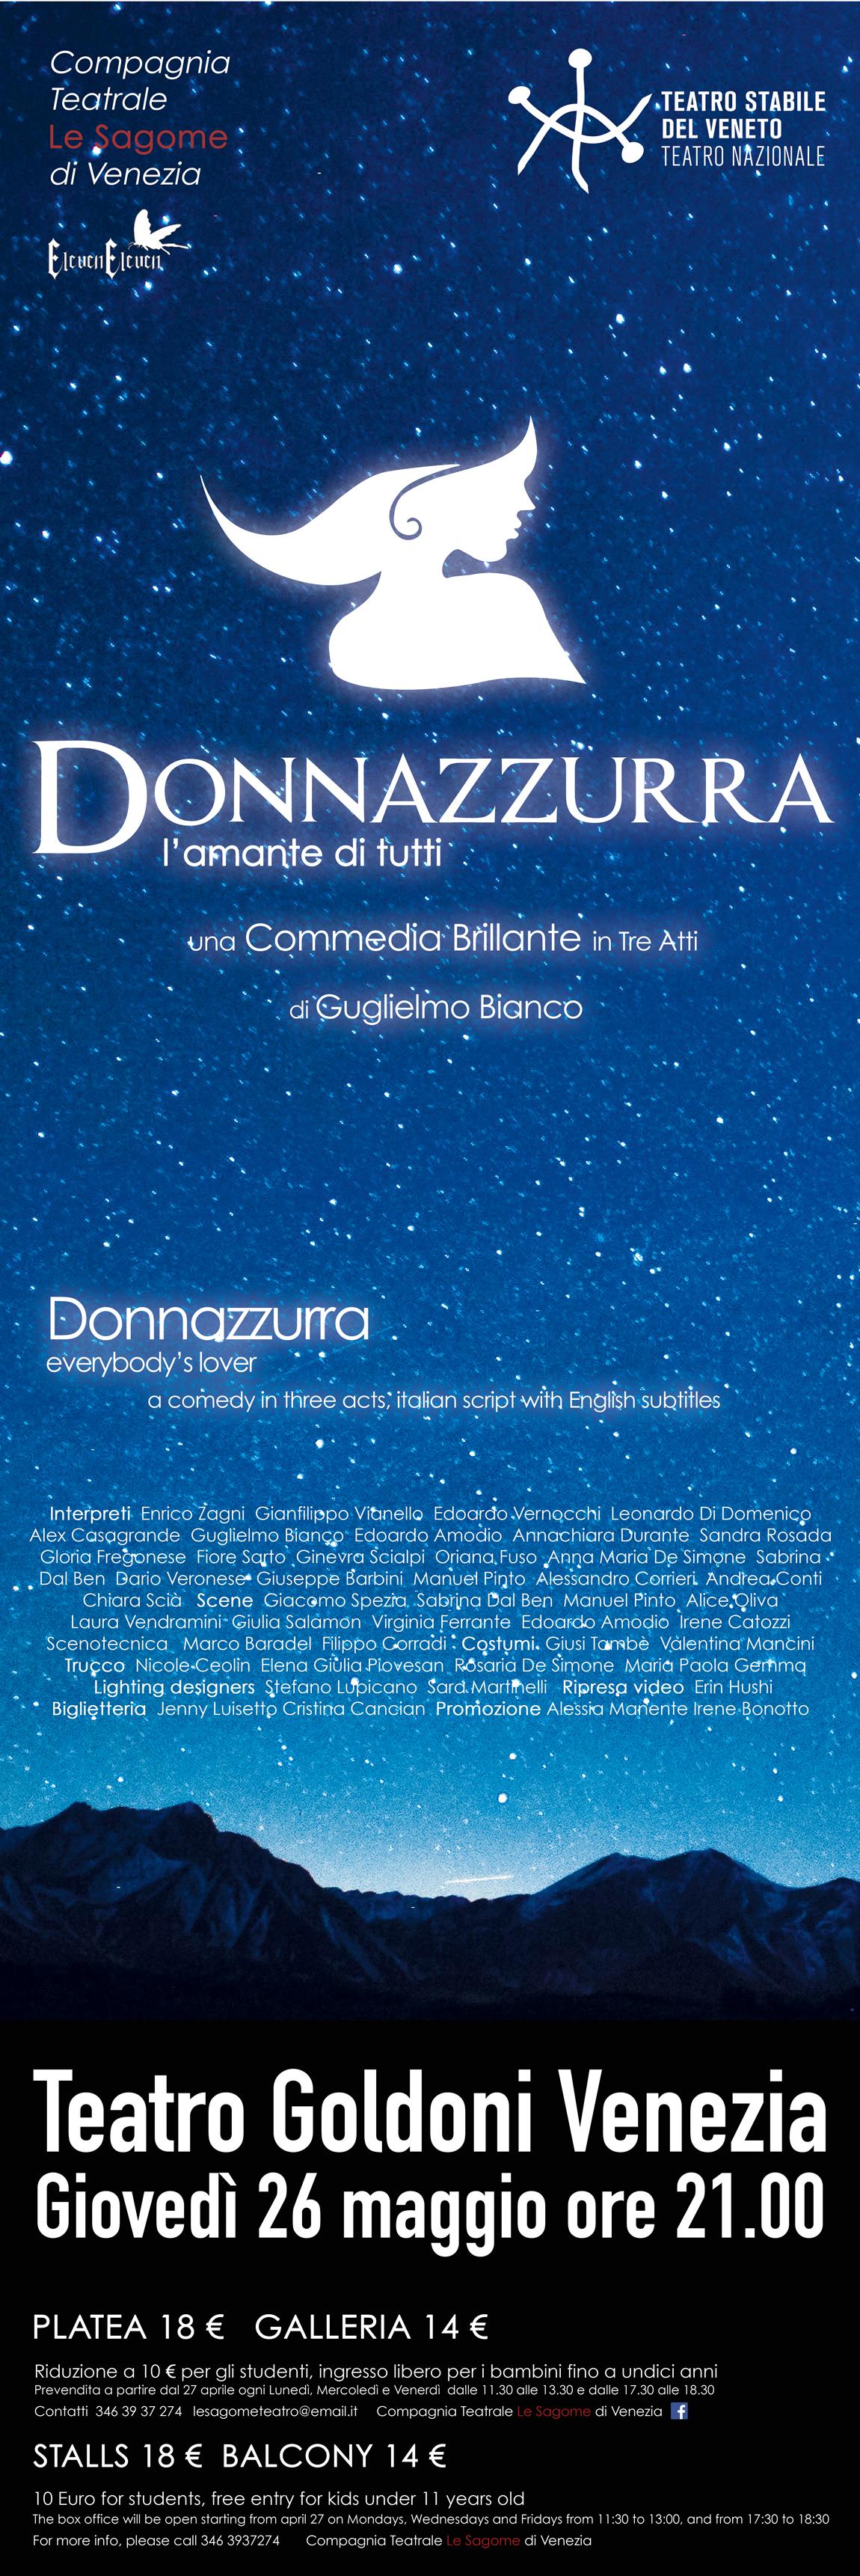 Donnazzurra, l'amante di tutti